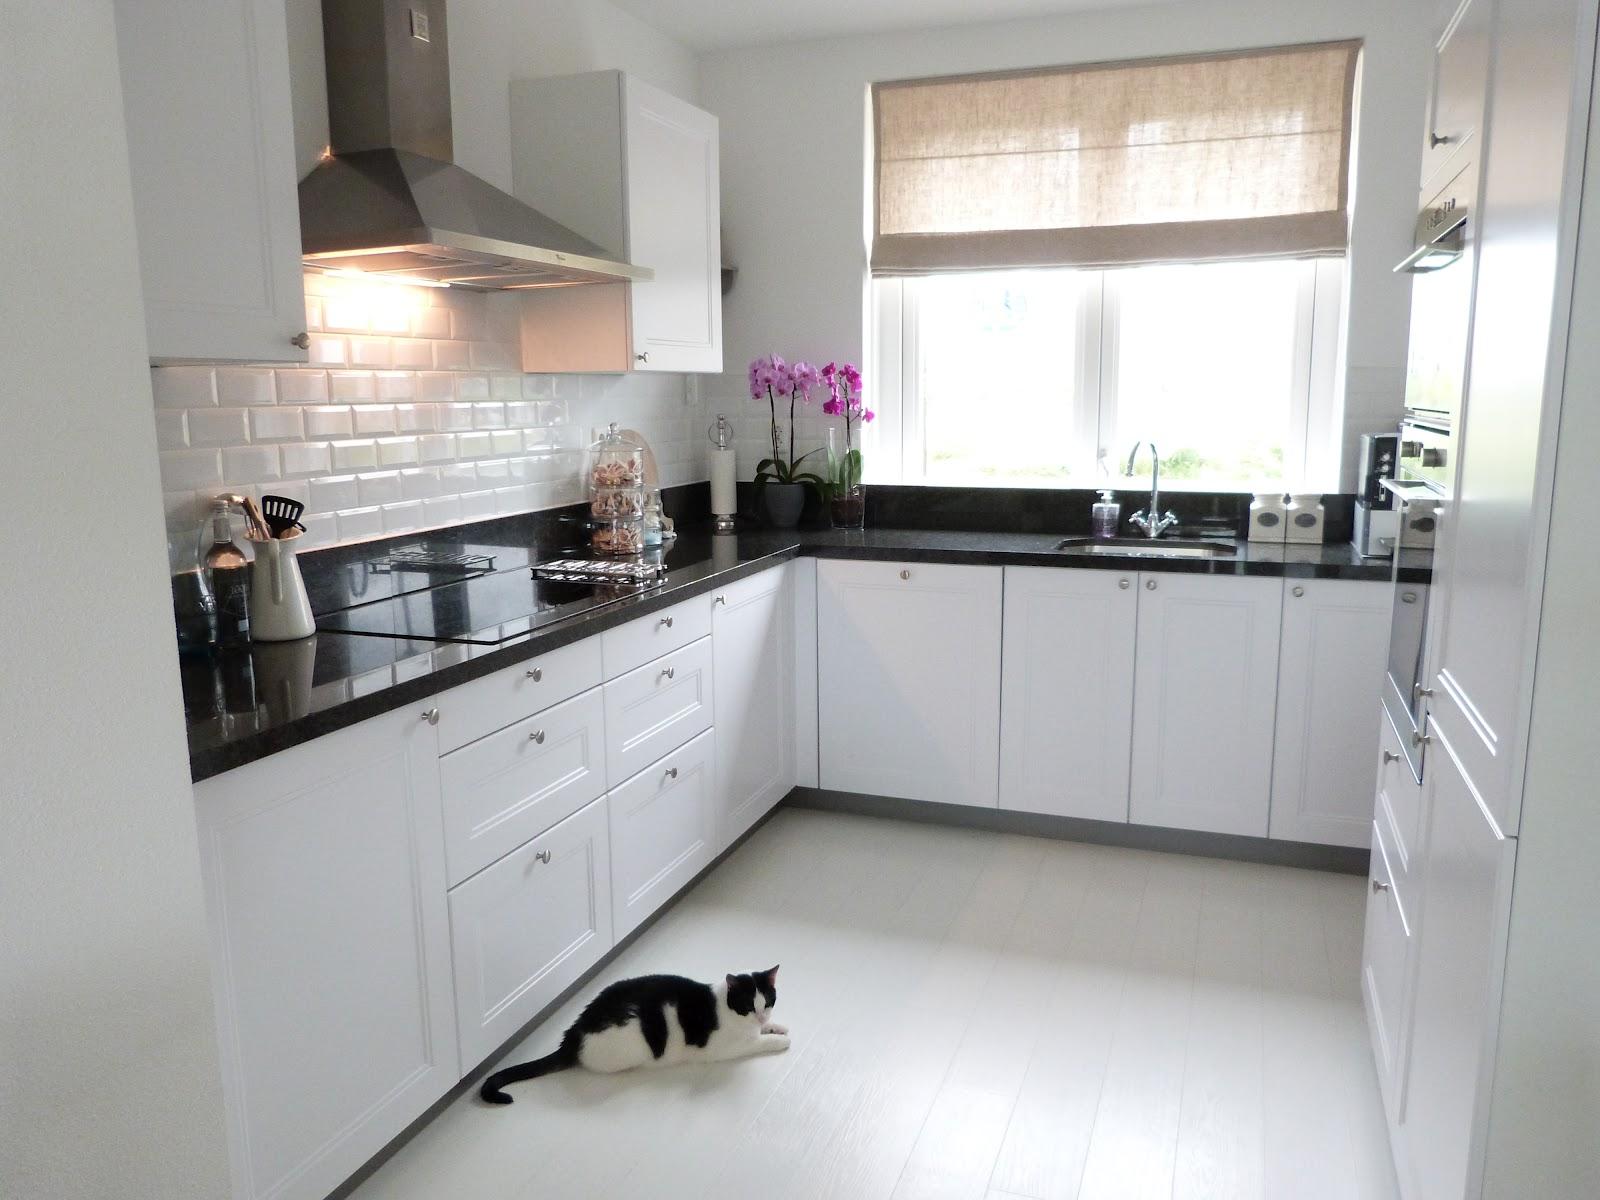 Deco grijswit paars appartement - Deco witte keuken ...